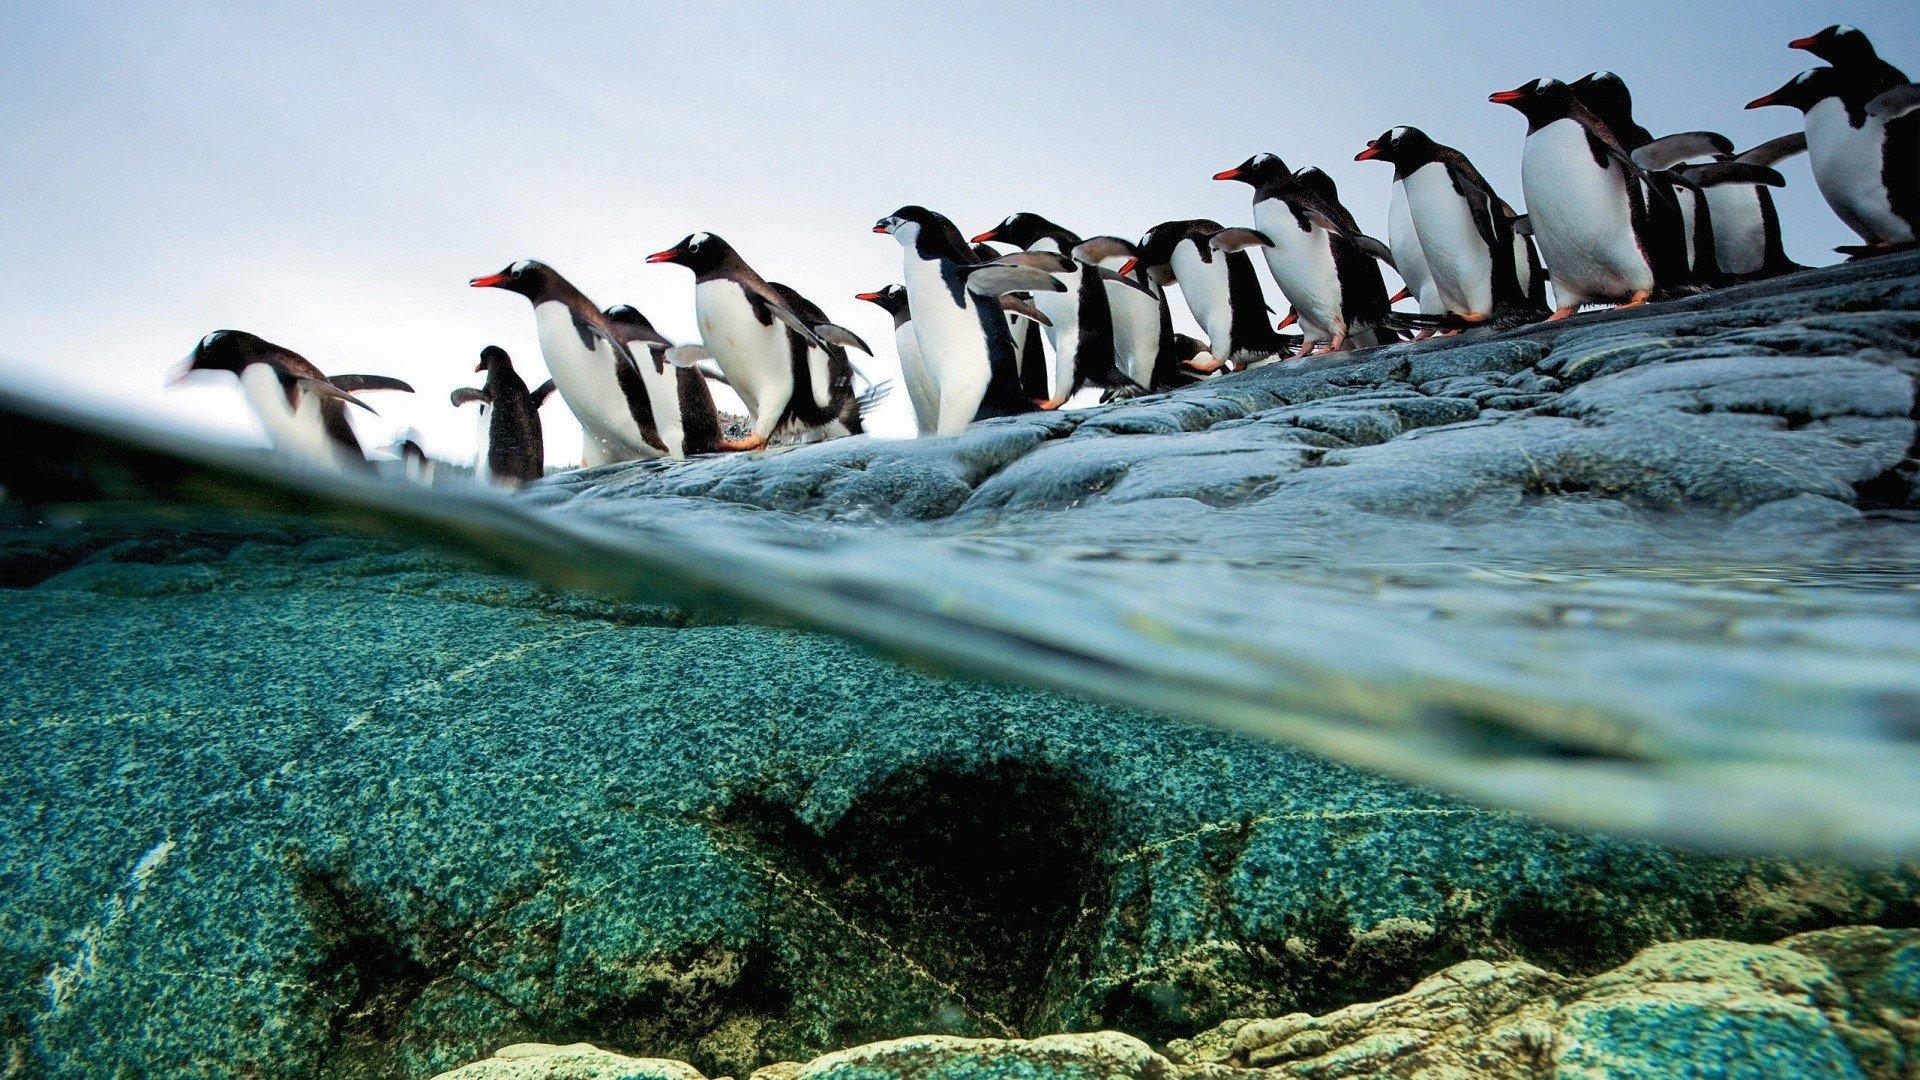 Penguin Wallpapers WallPics 1920x1080